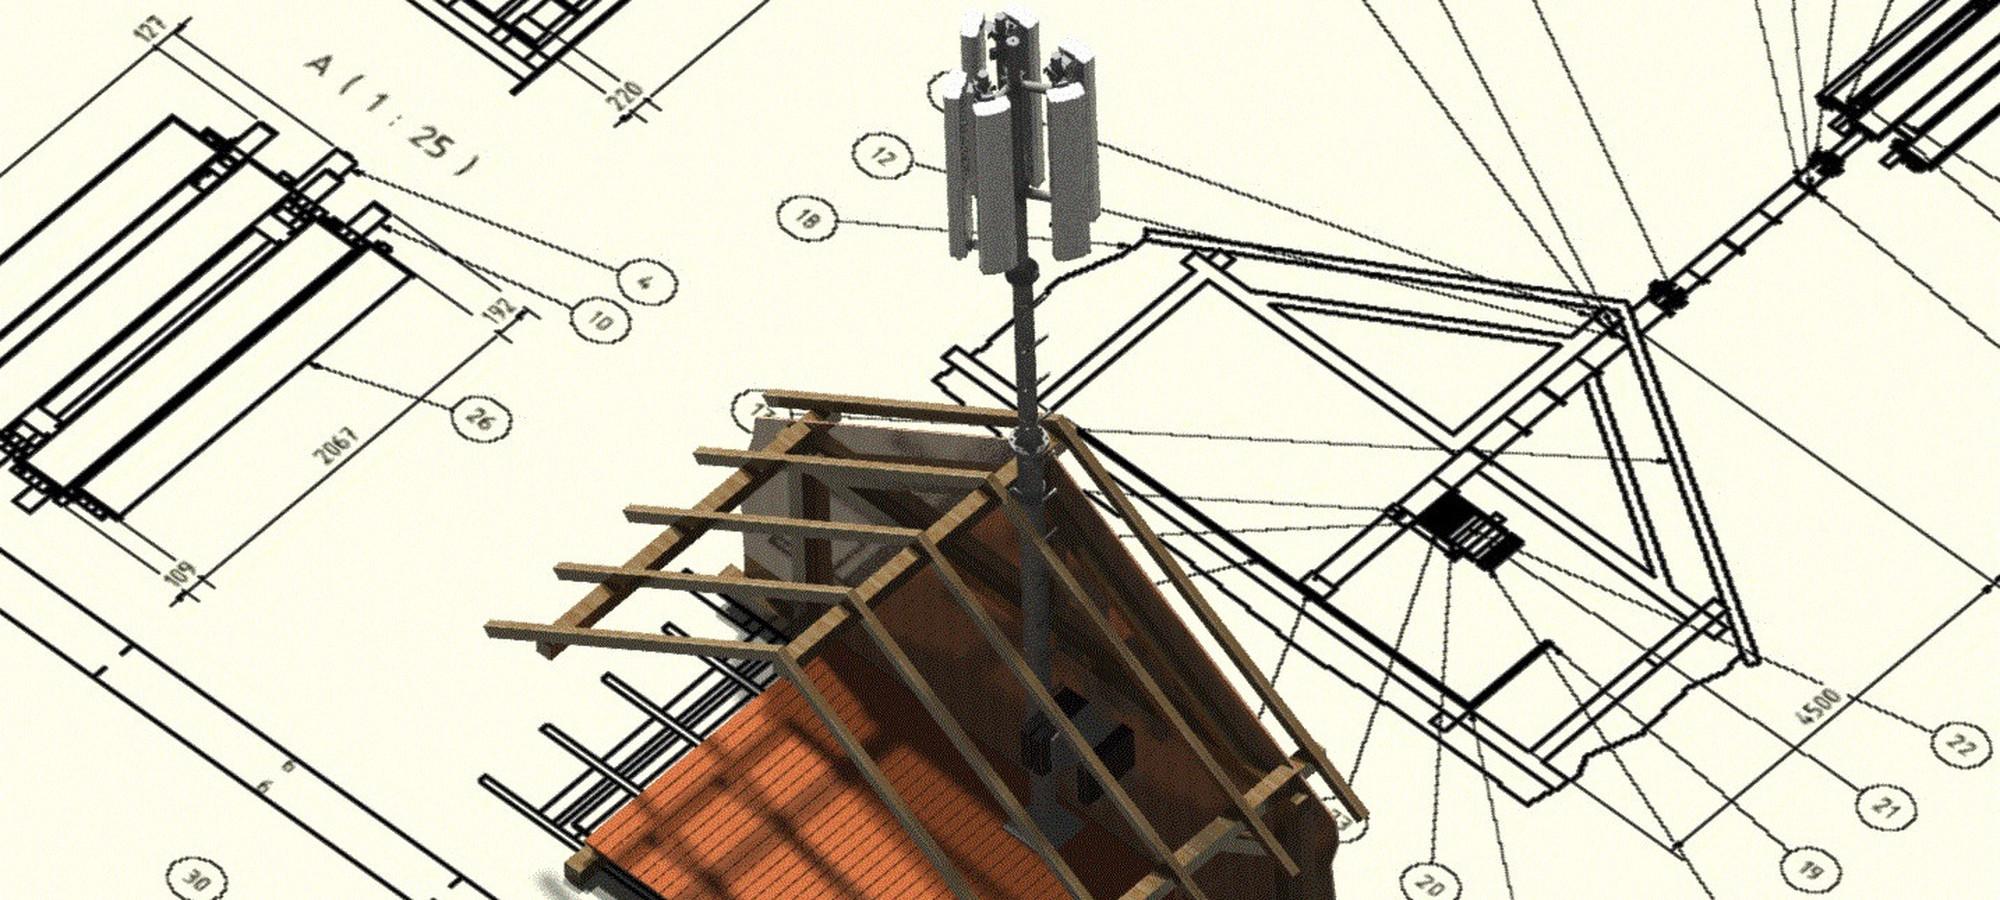 reiter_antennenbau_header_allgemein5.jpg